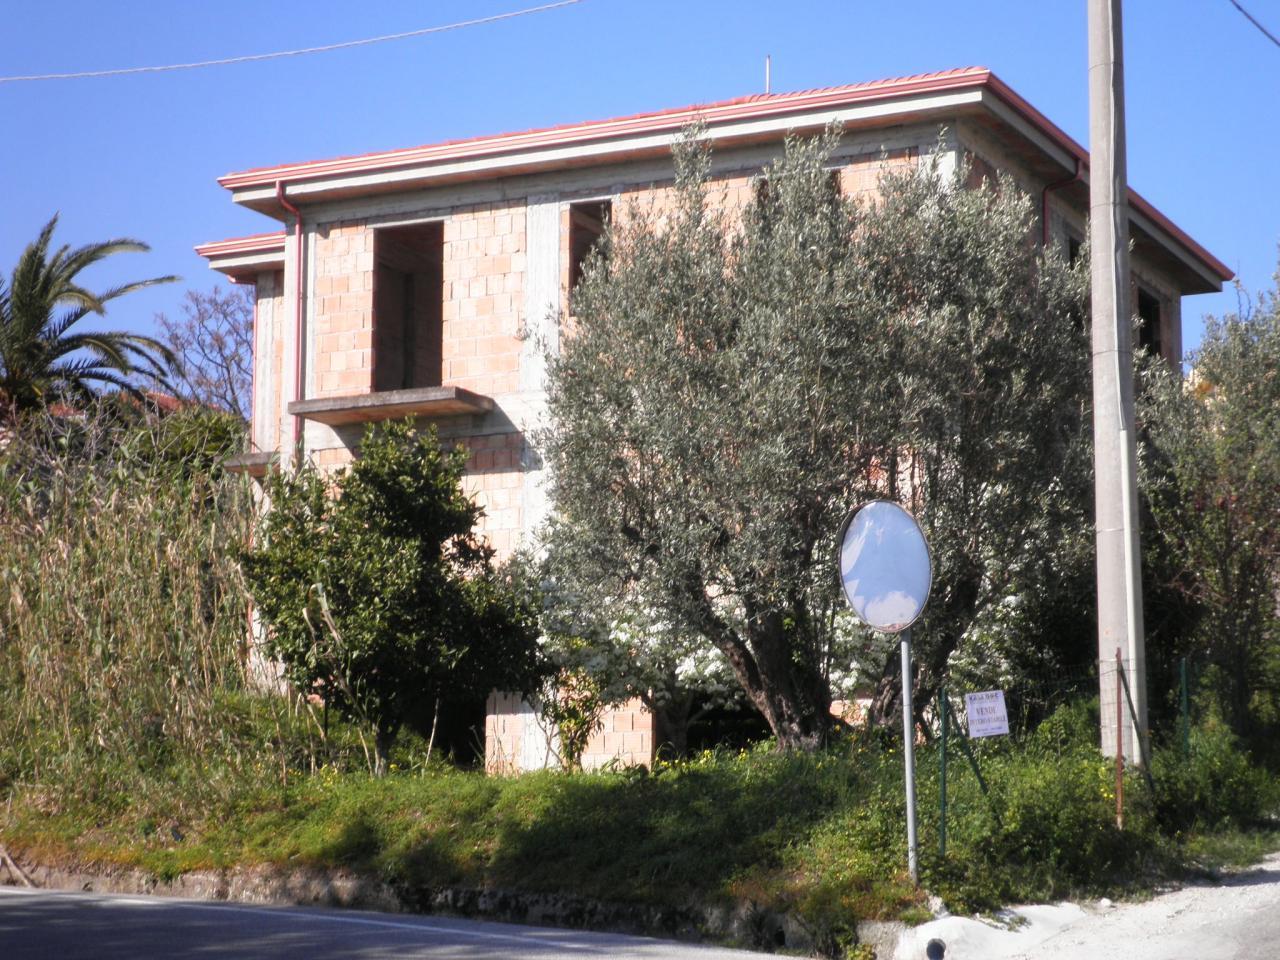 Rustico / Casale in vendita a Settingiano, 9999 locali, zona Località: ViaMonaci-C/daMartelletto, prezzo € 200.000 | Cambio Casa.it